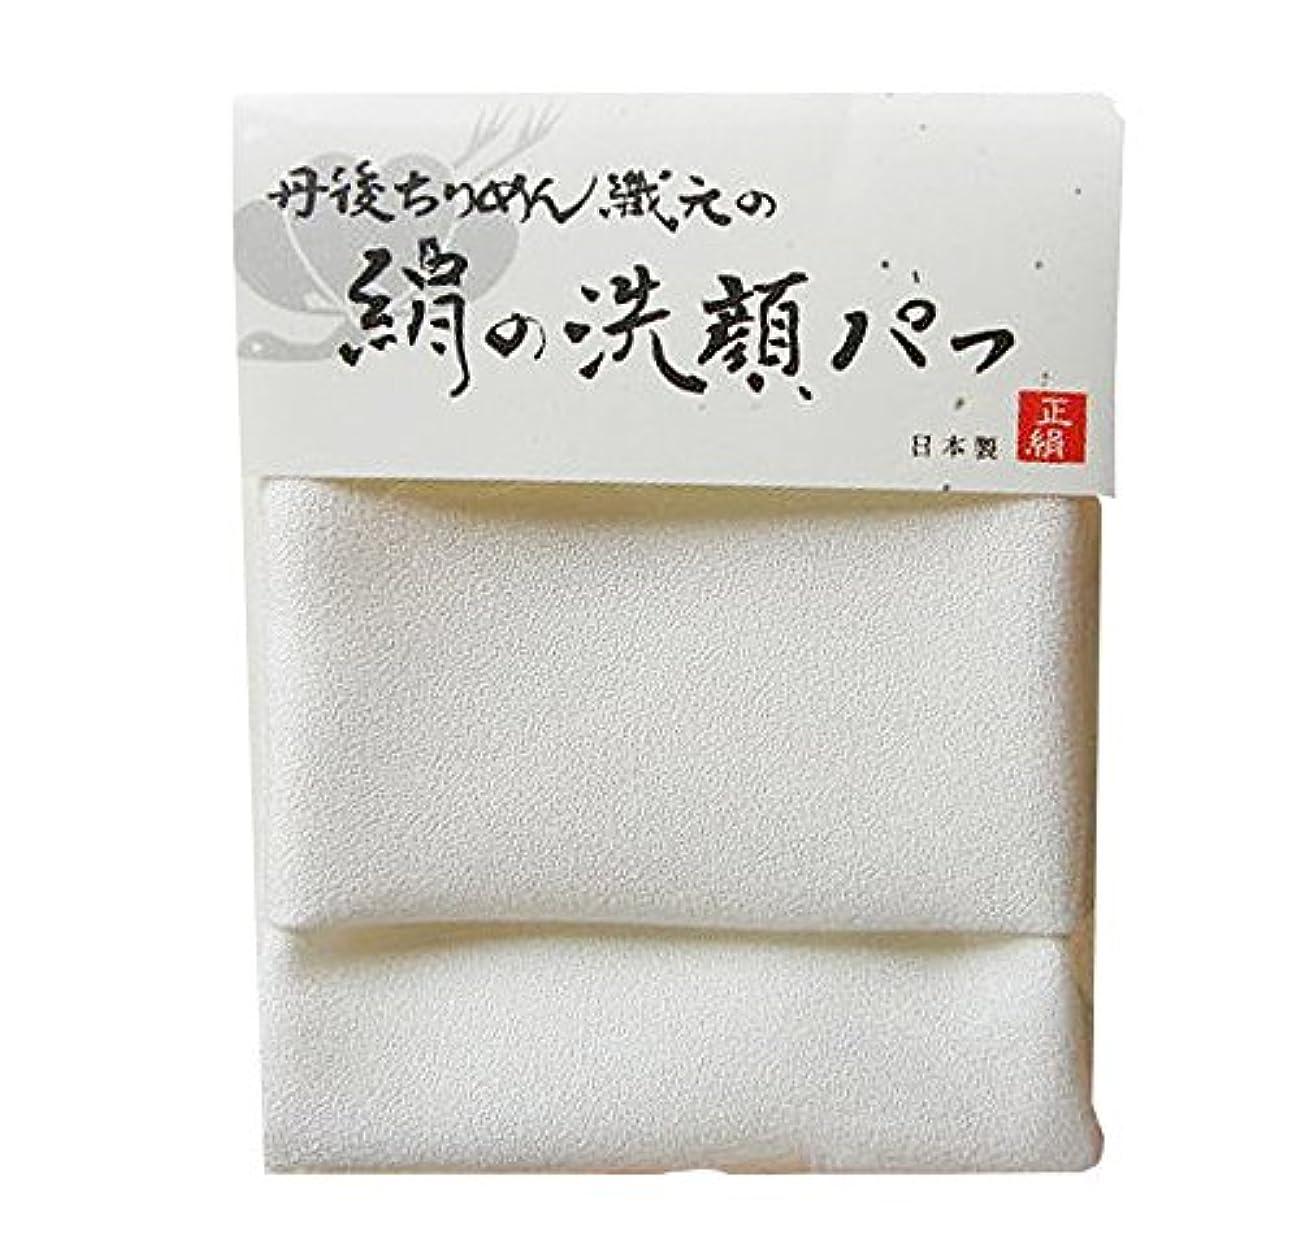 認めるロッカーレモン【NHKイッピンで紹介!】丹後ちりめん織元の絹の洗顔パフ